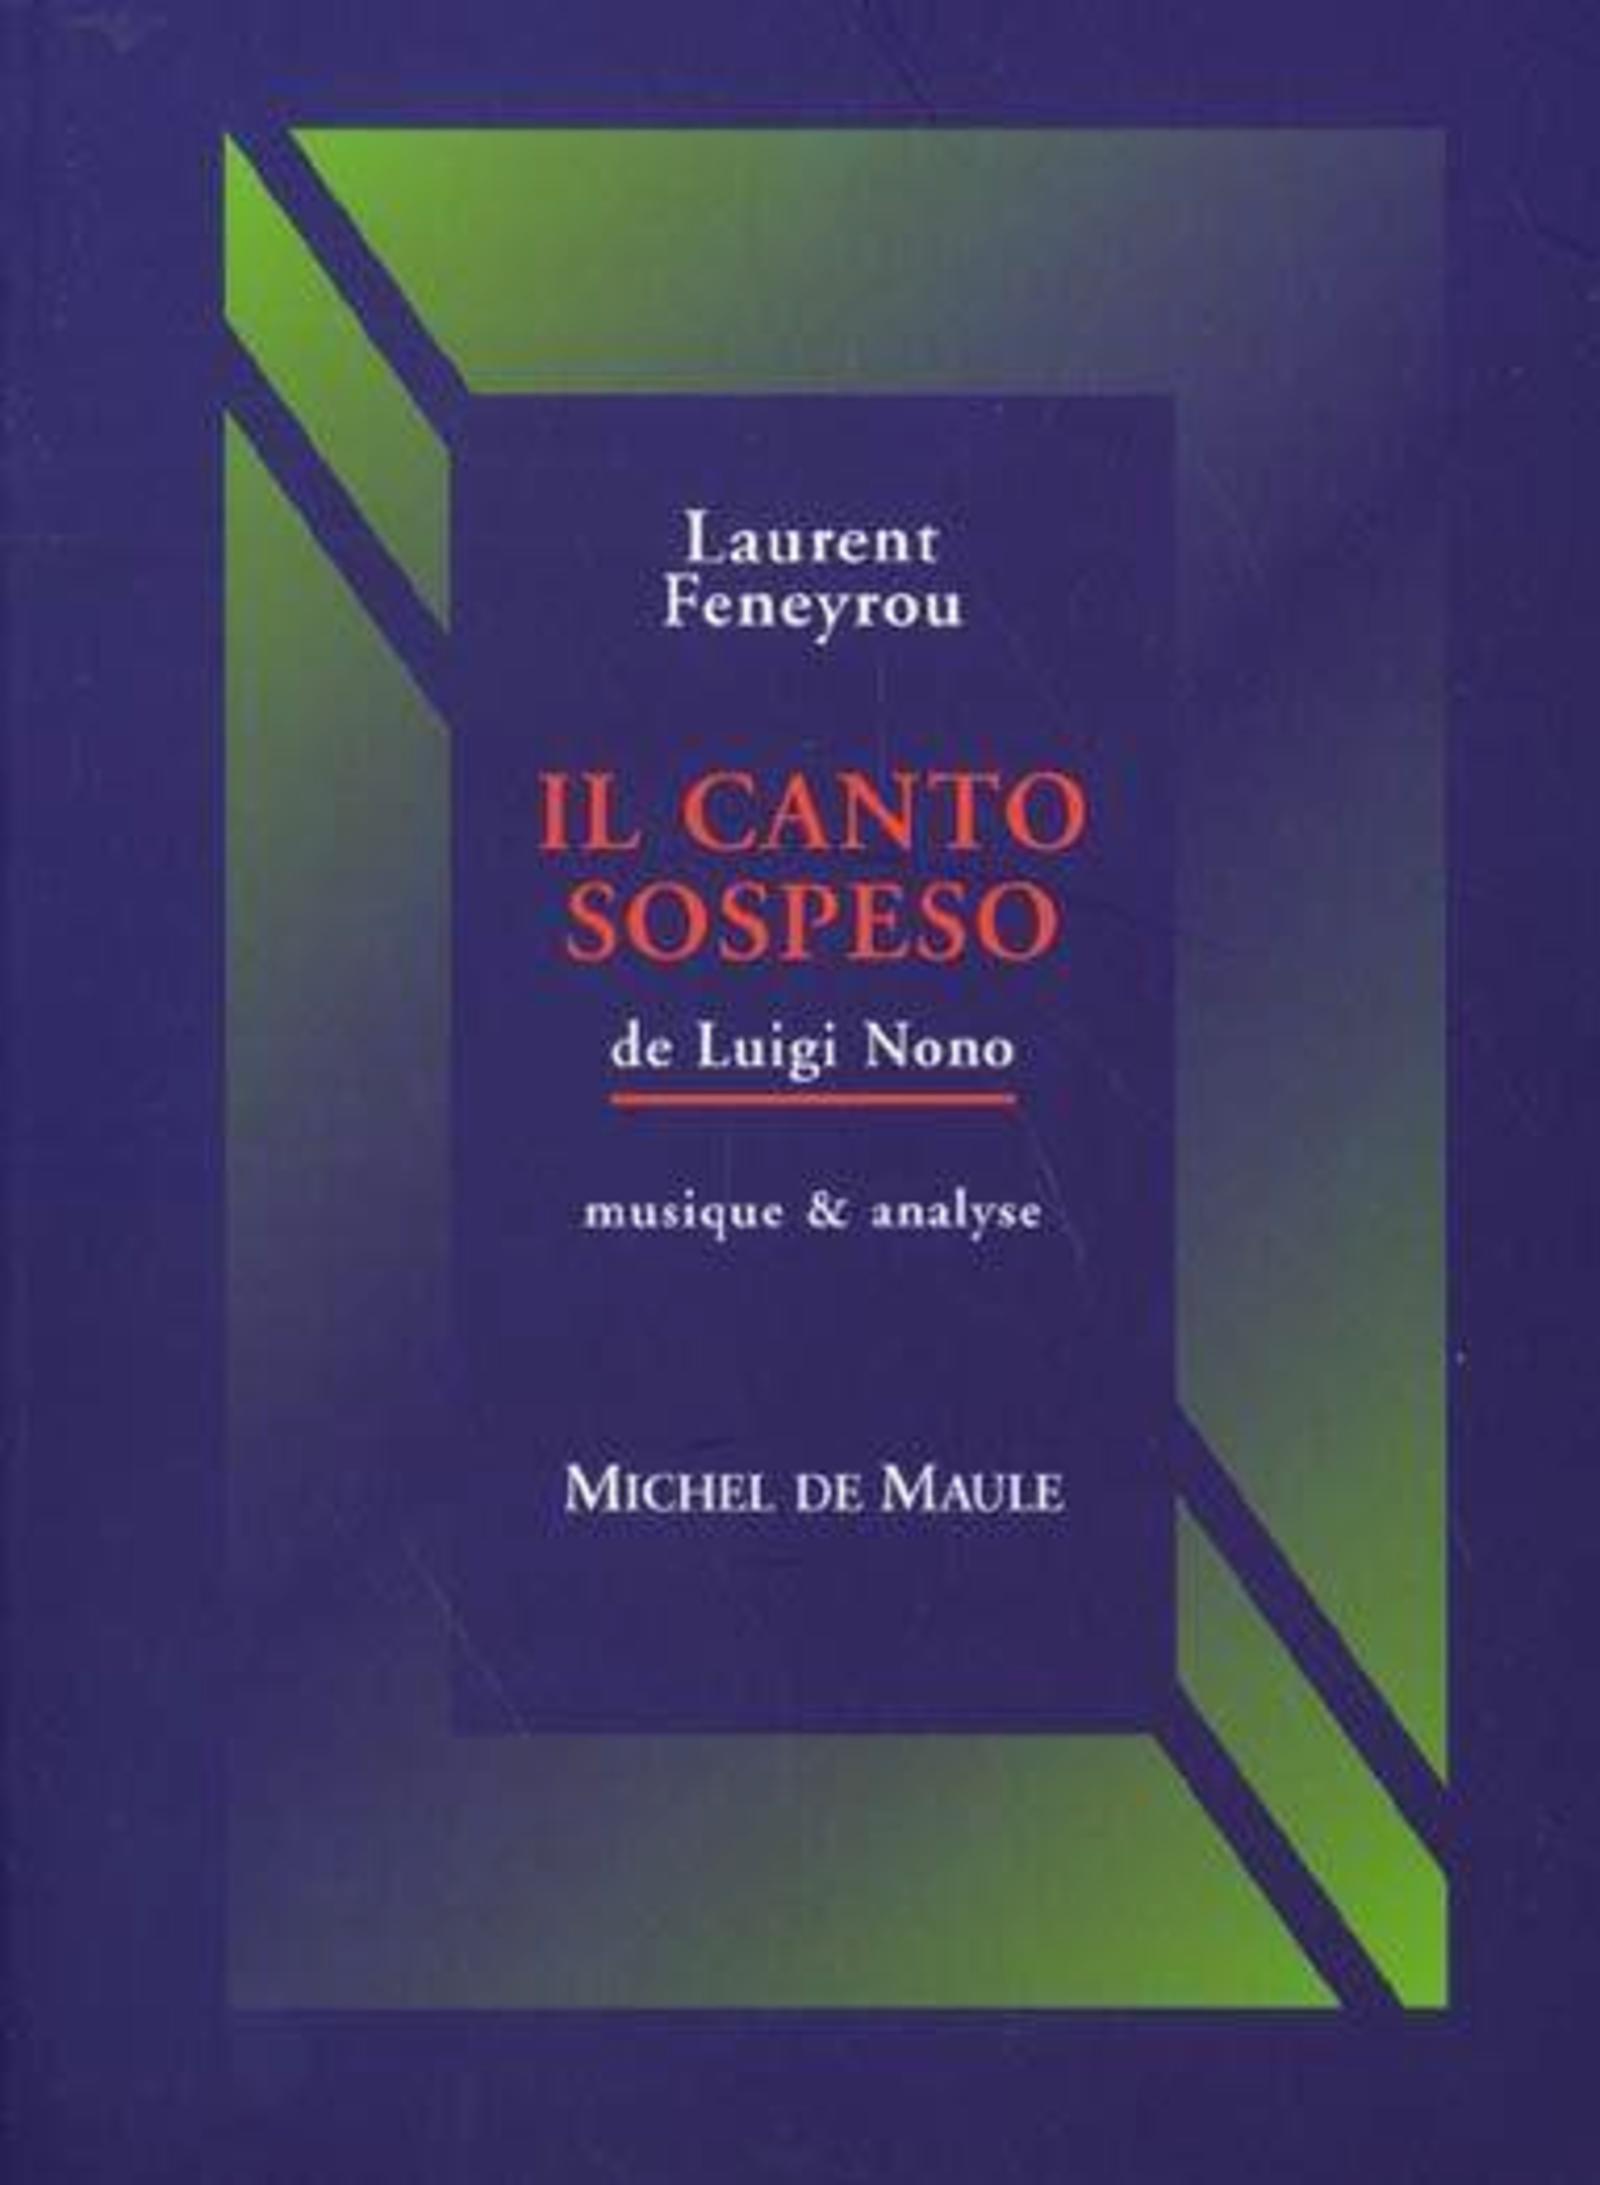 """""""IL CANTO SOSPESO"""" DE LUIGI NONO MUSIQUE & ANALYSE"""